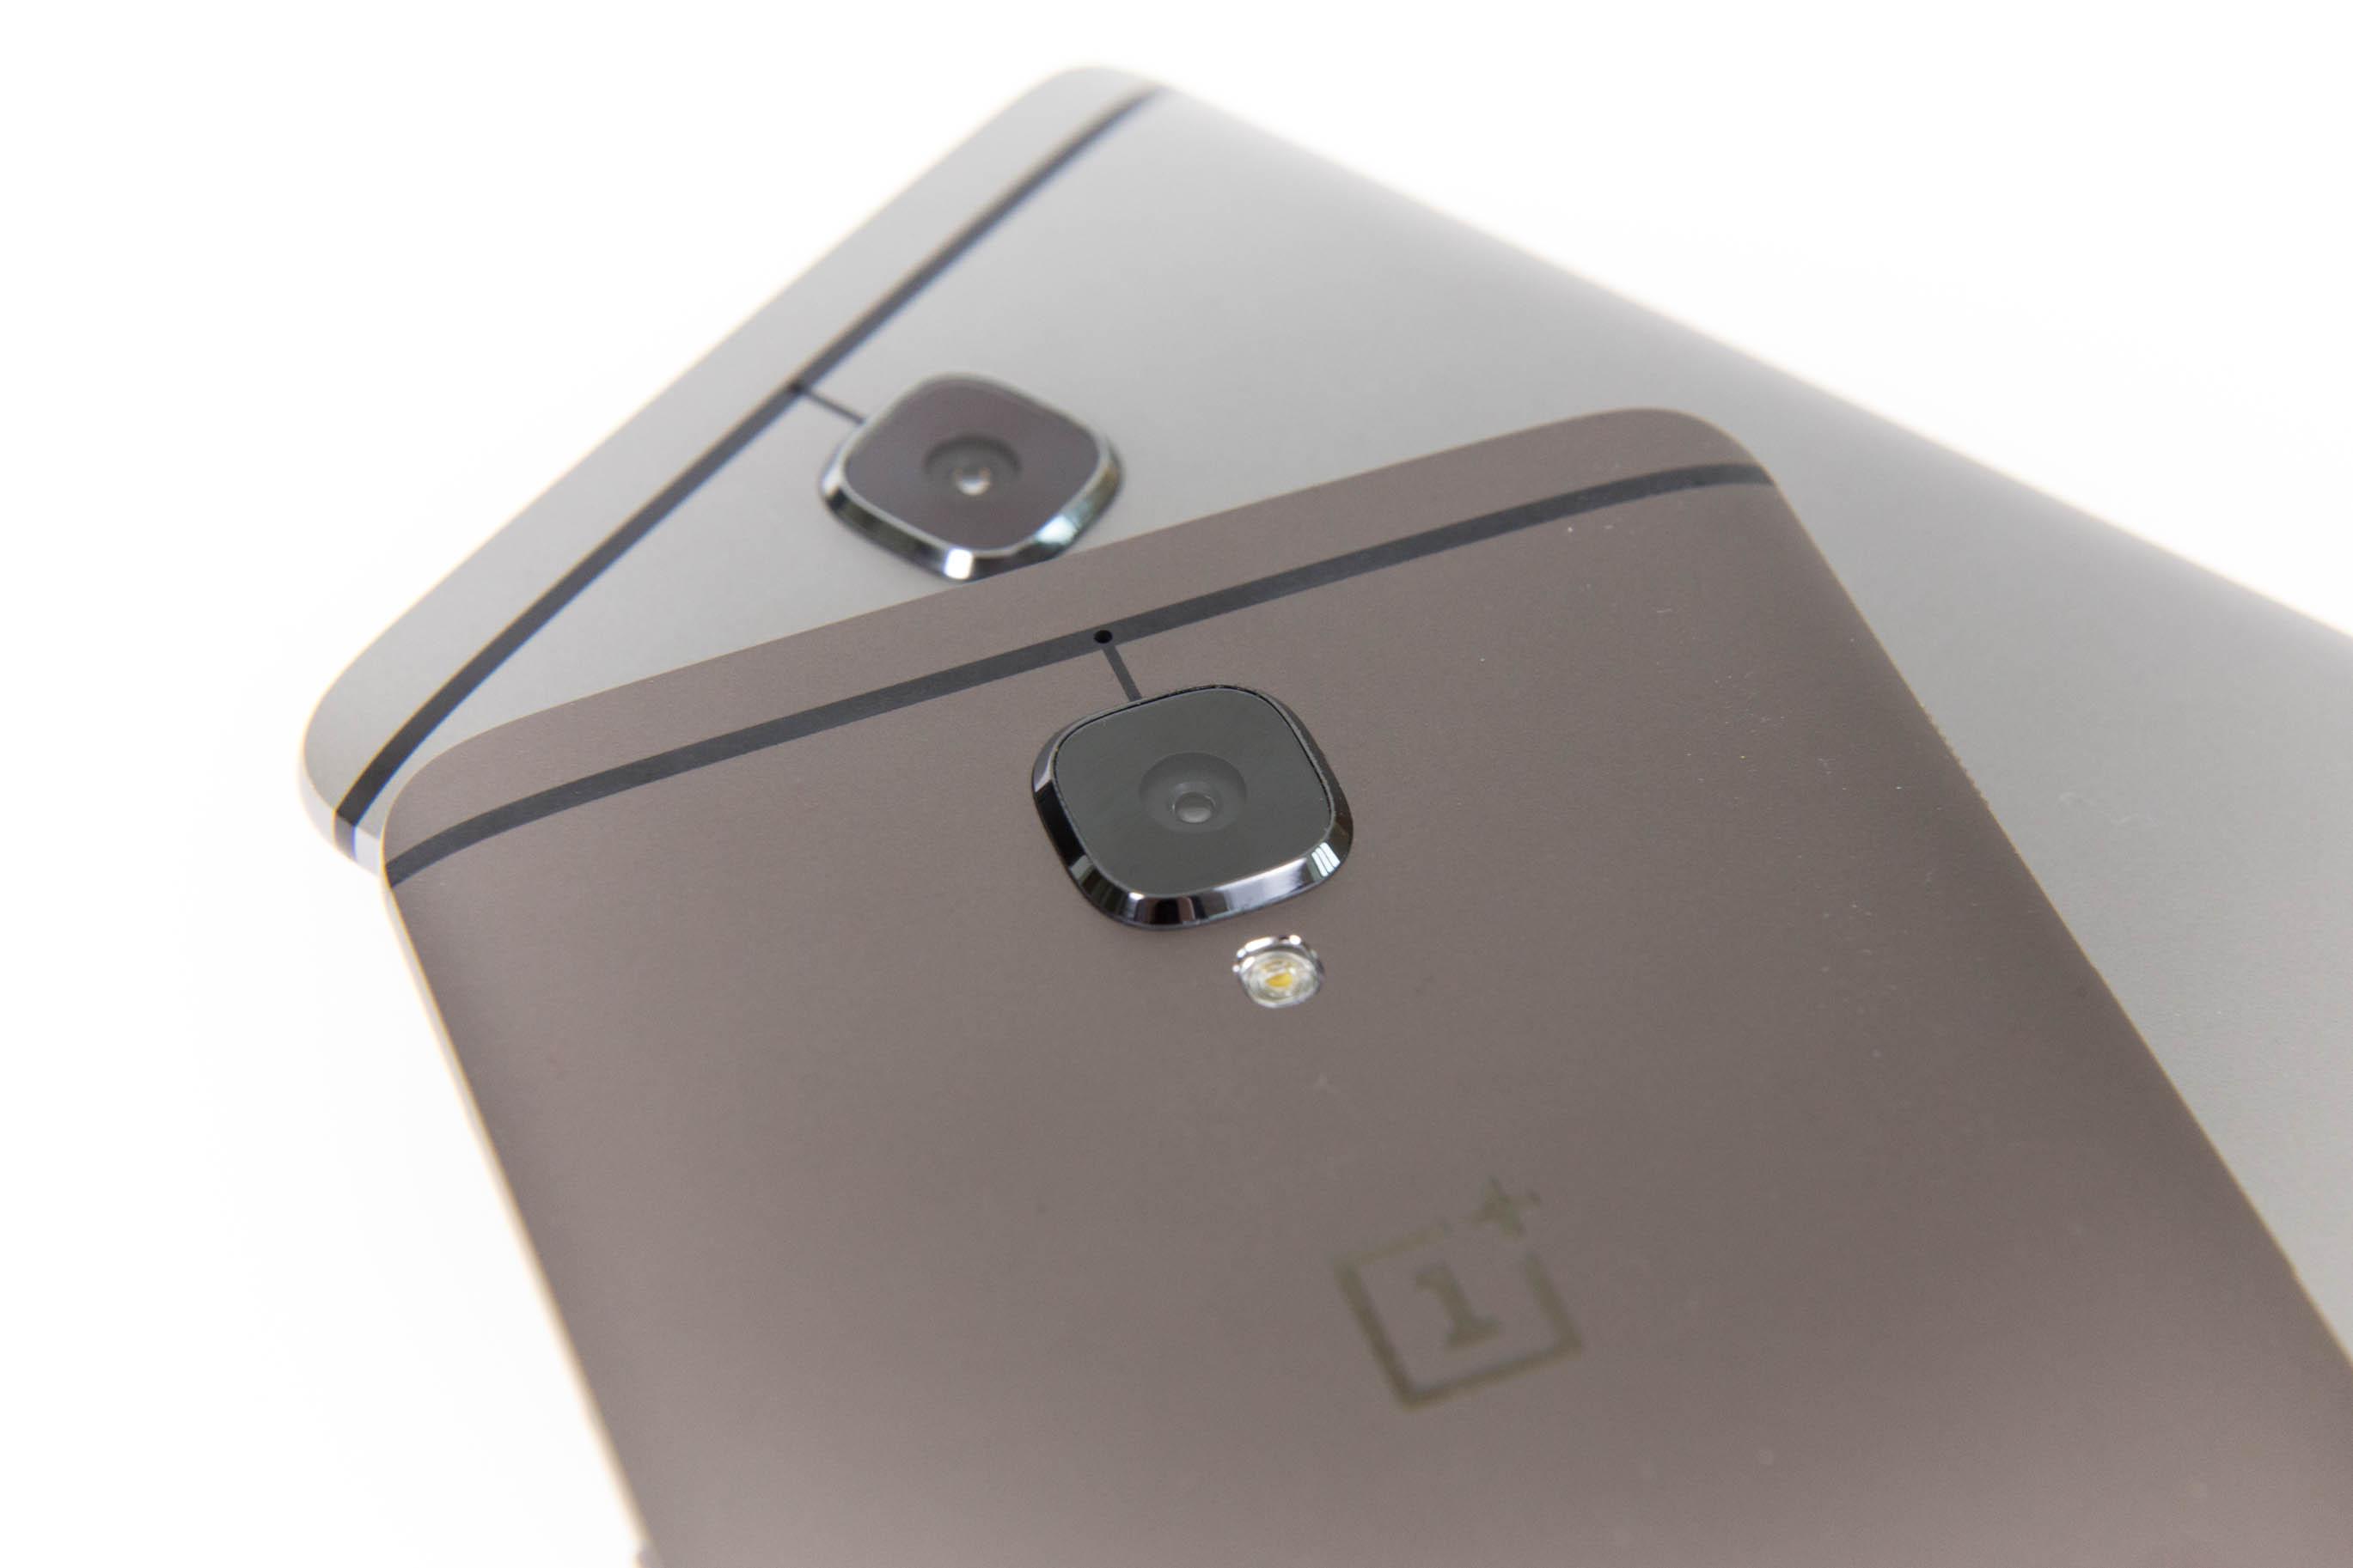 Smartphone: Oneplus 3T mit 128 GByte wird nicht zu Weihnachten geliefert - Im Inneren des 3T kommt als Prozessor ein Snapdragon 821 zum Einsatz - im Three arbeitet ein Snapdragon 820. (Bild: Martin Wolf/Golem.de)